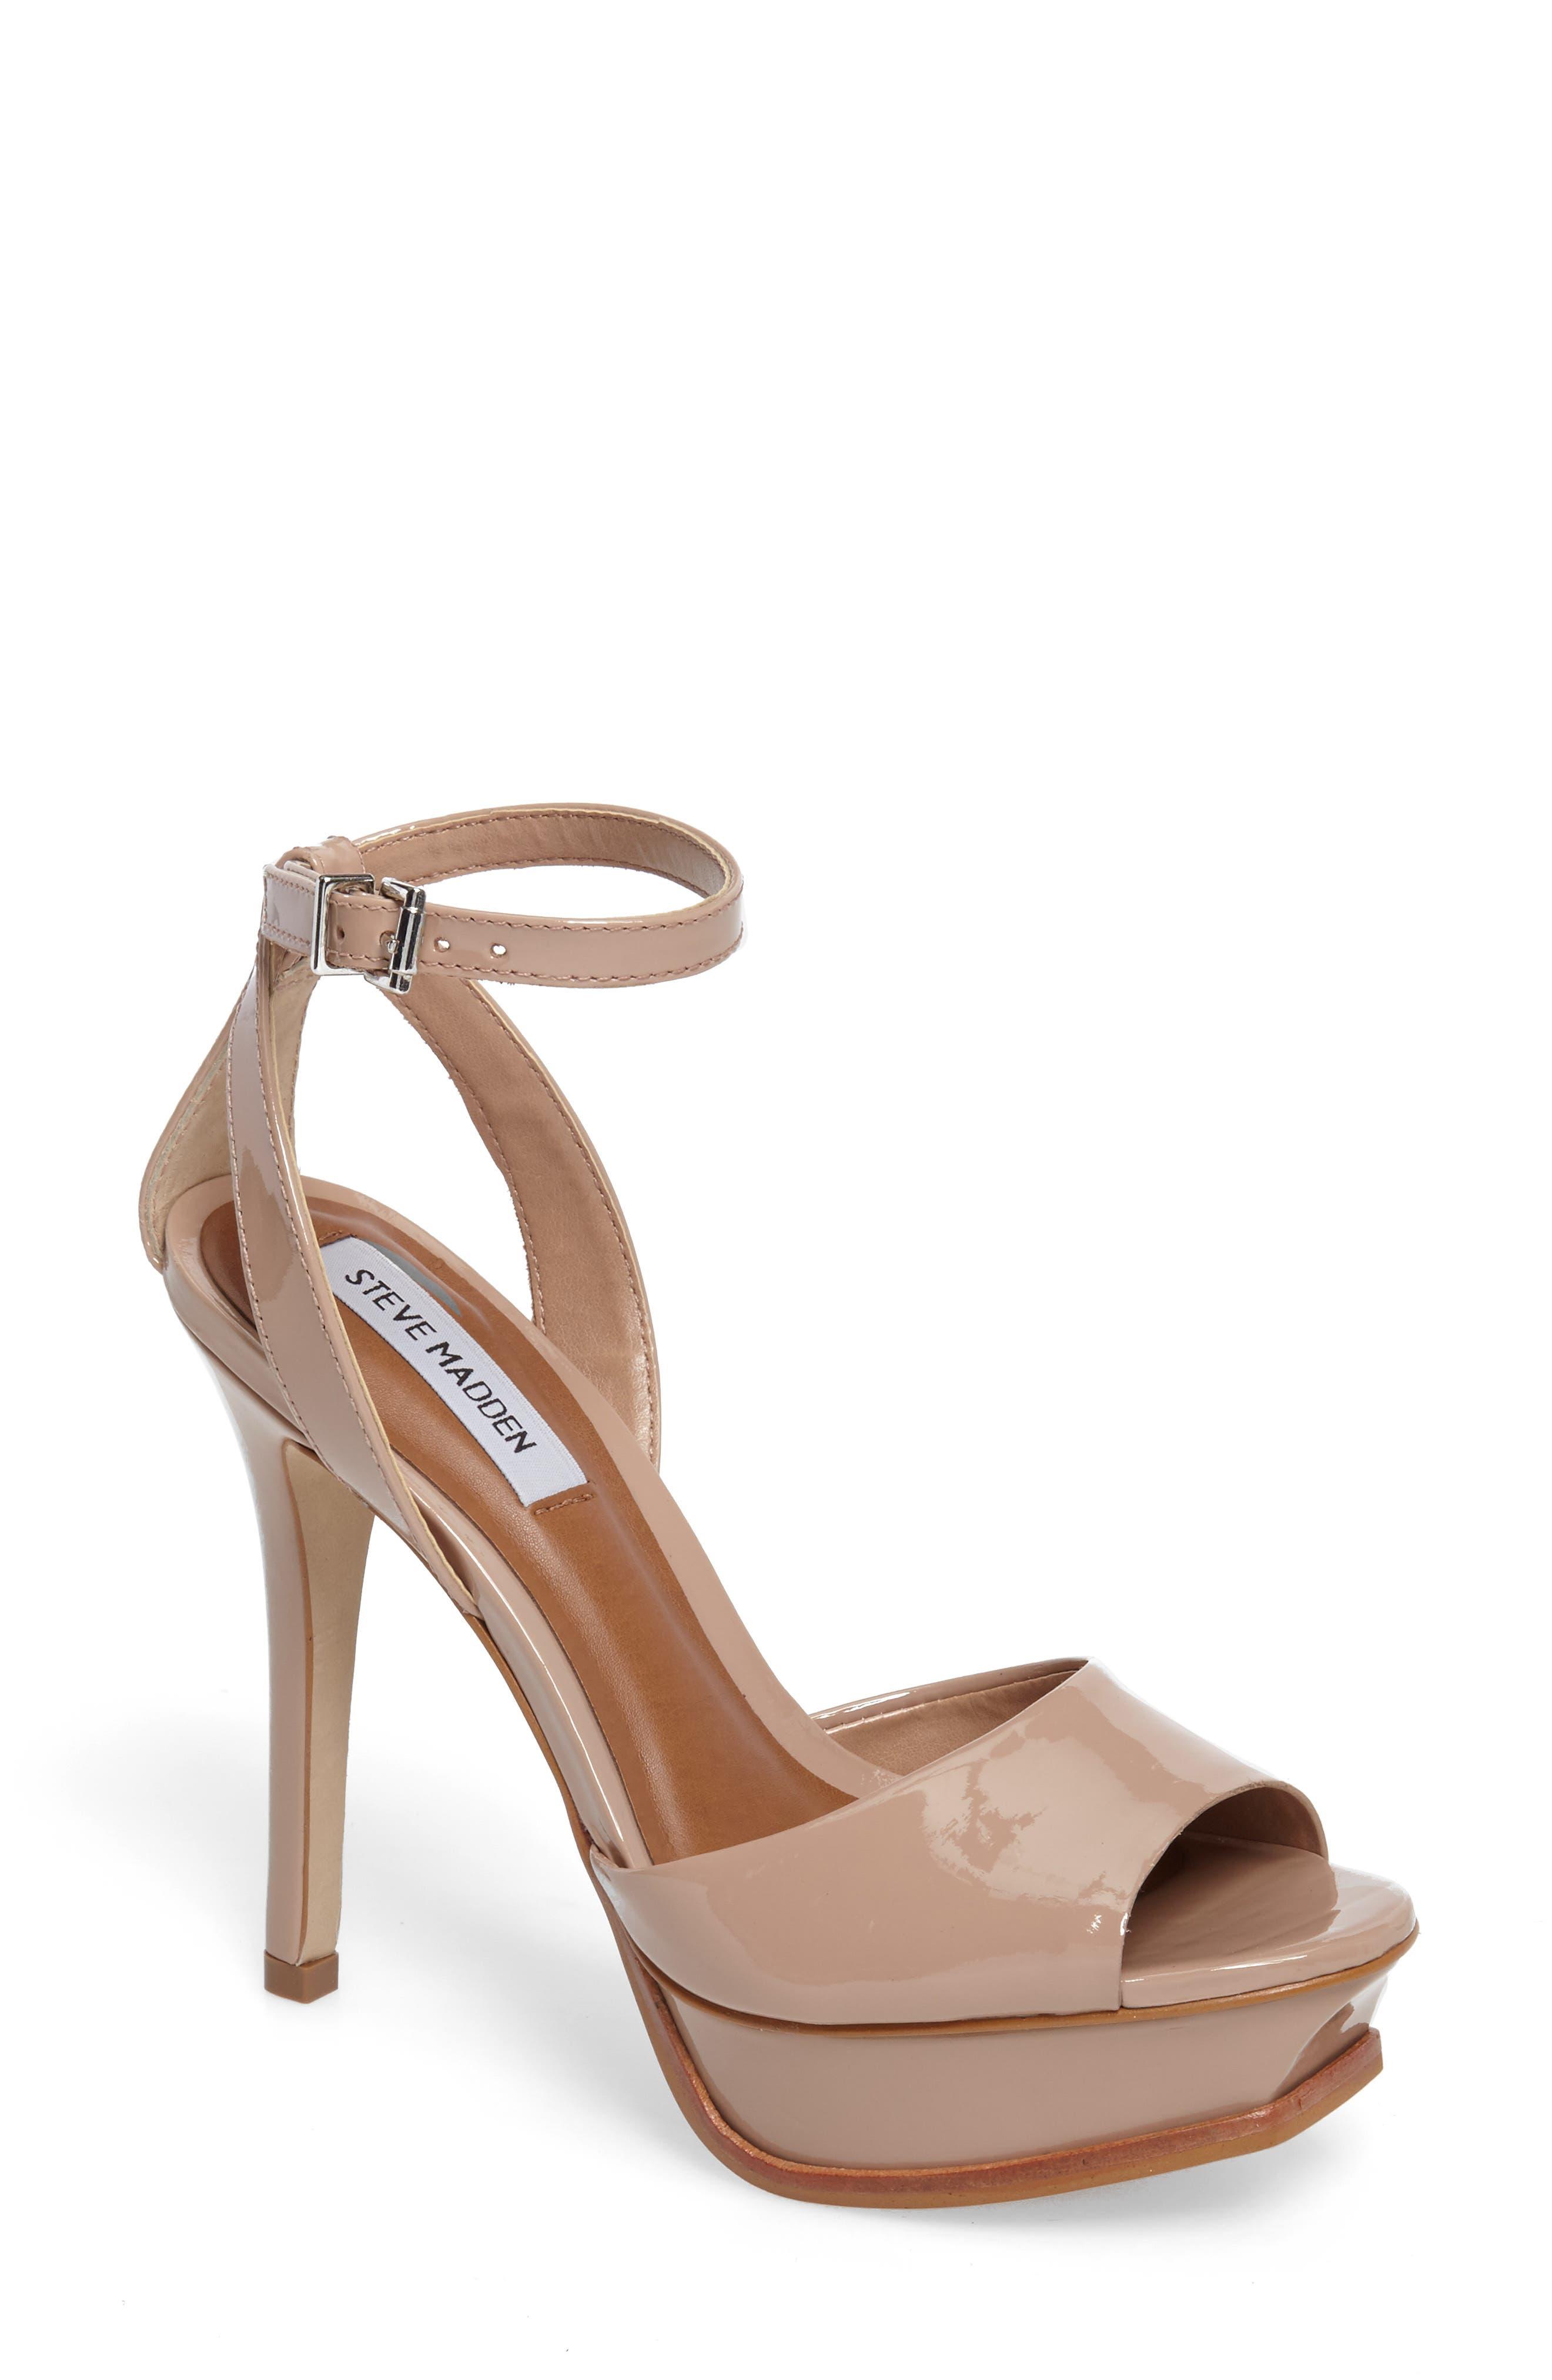 Alternate Image 1 Selected - Steve Madden Karmina Platform Sandal (Women)